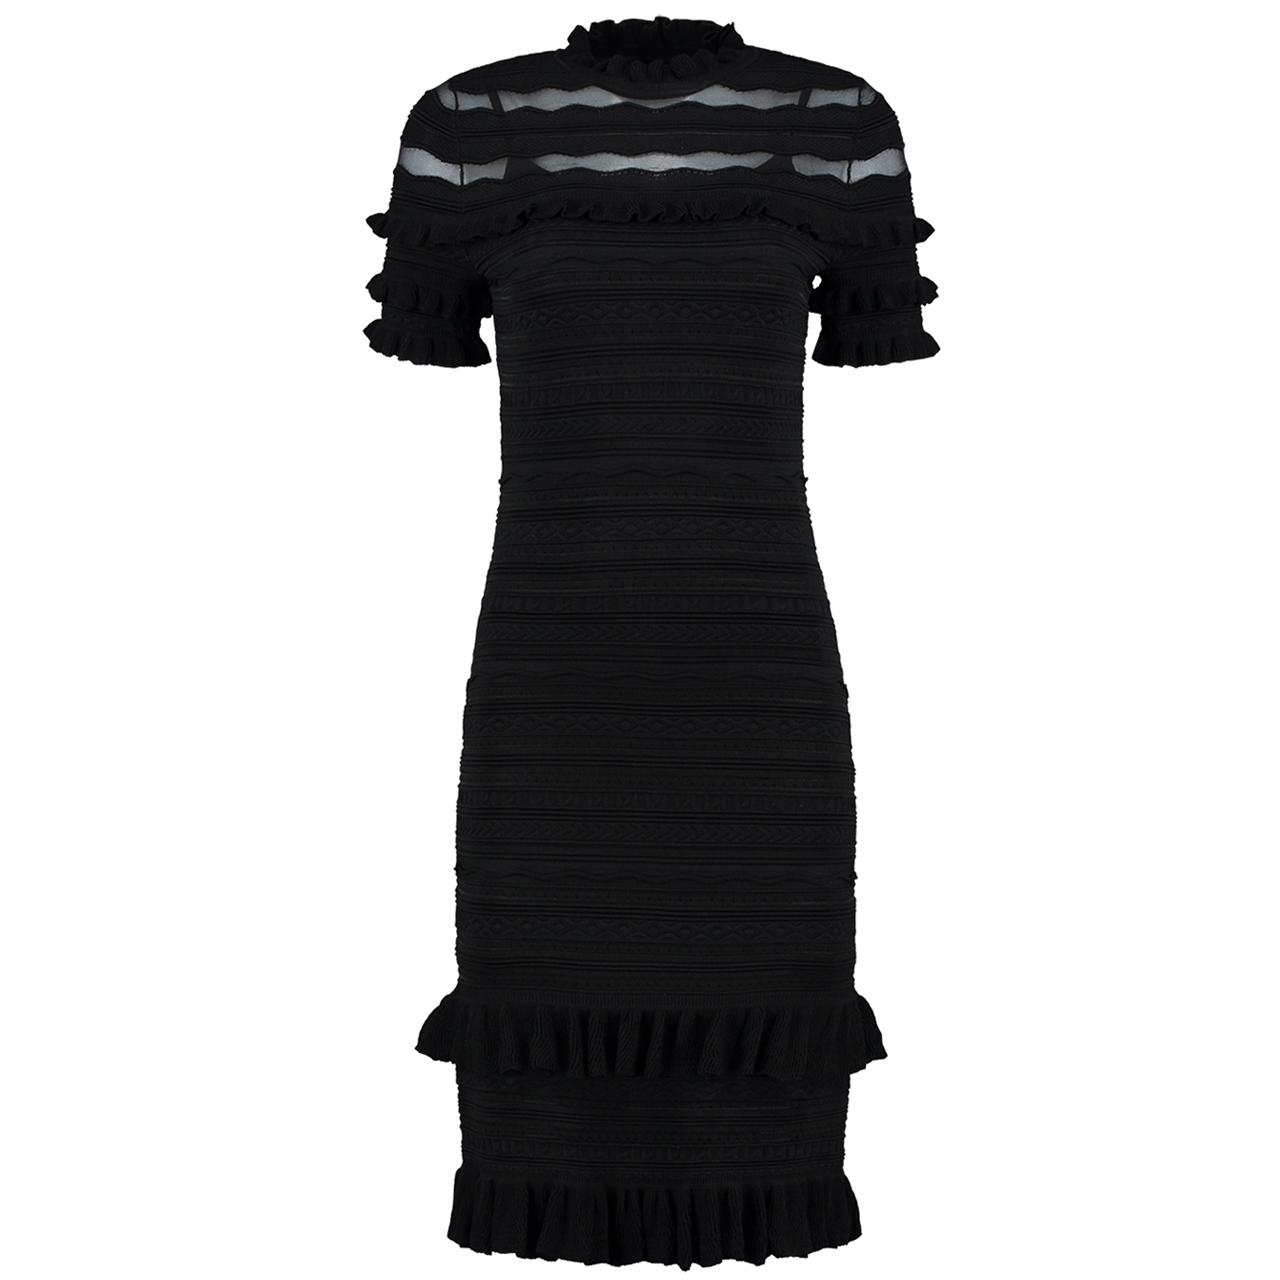 096 Zwart Nikkie N 1902 Irma Jurken Mode Dames 7 VGpLqSzMU